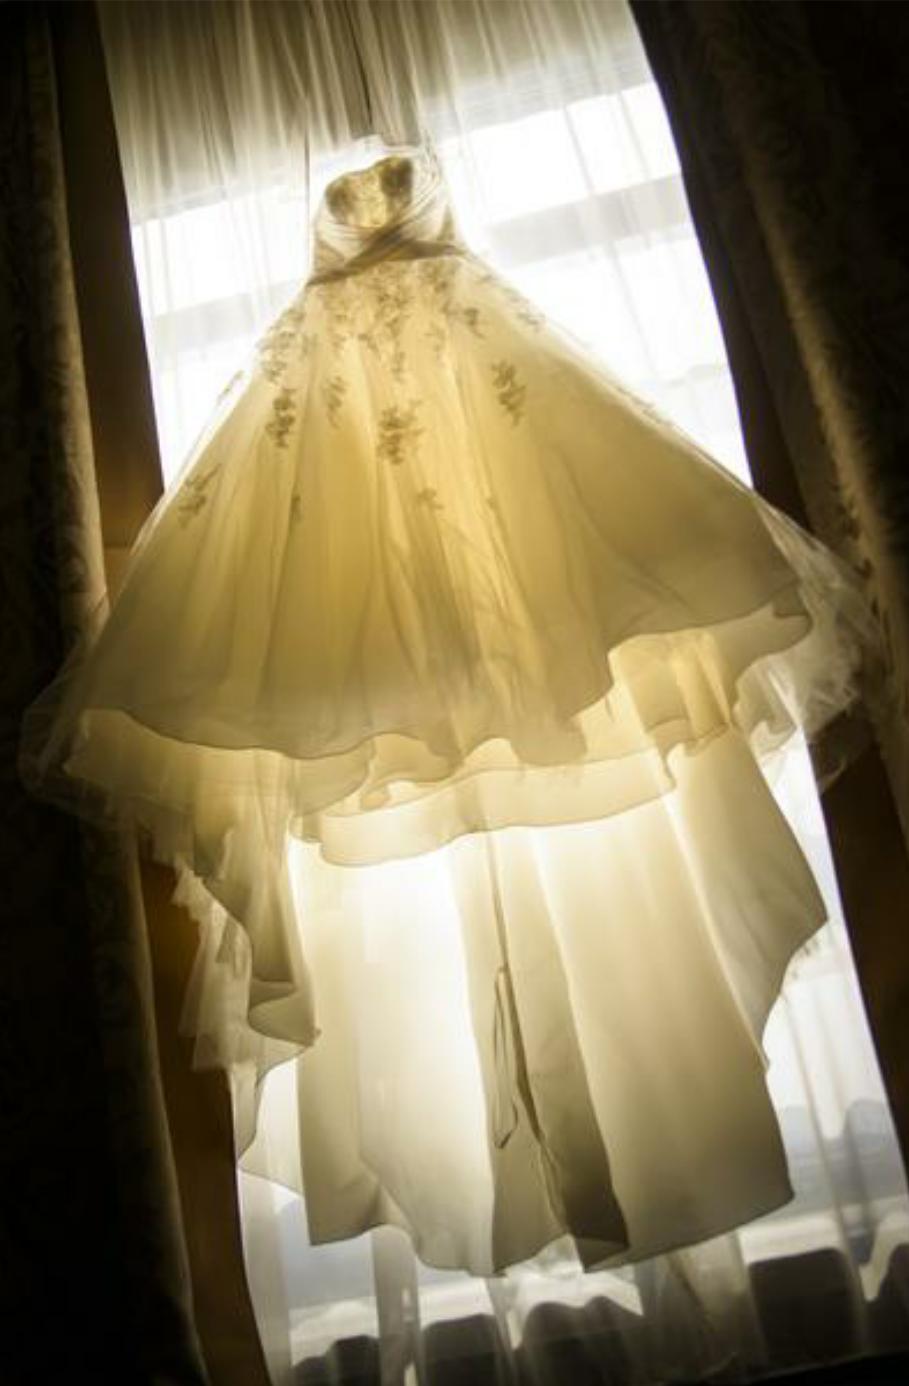 فستان عرس للبيع في ابوظبي